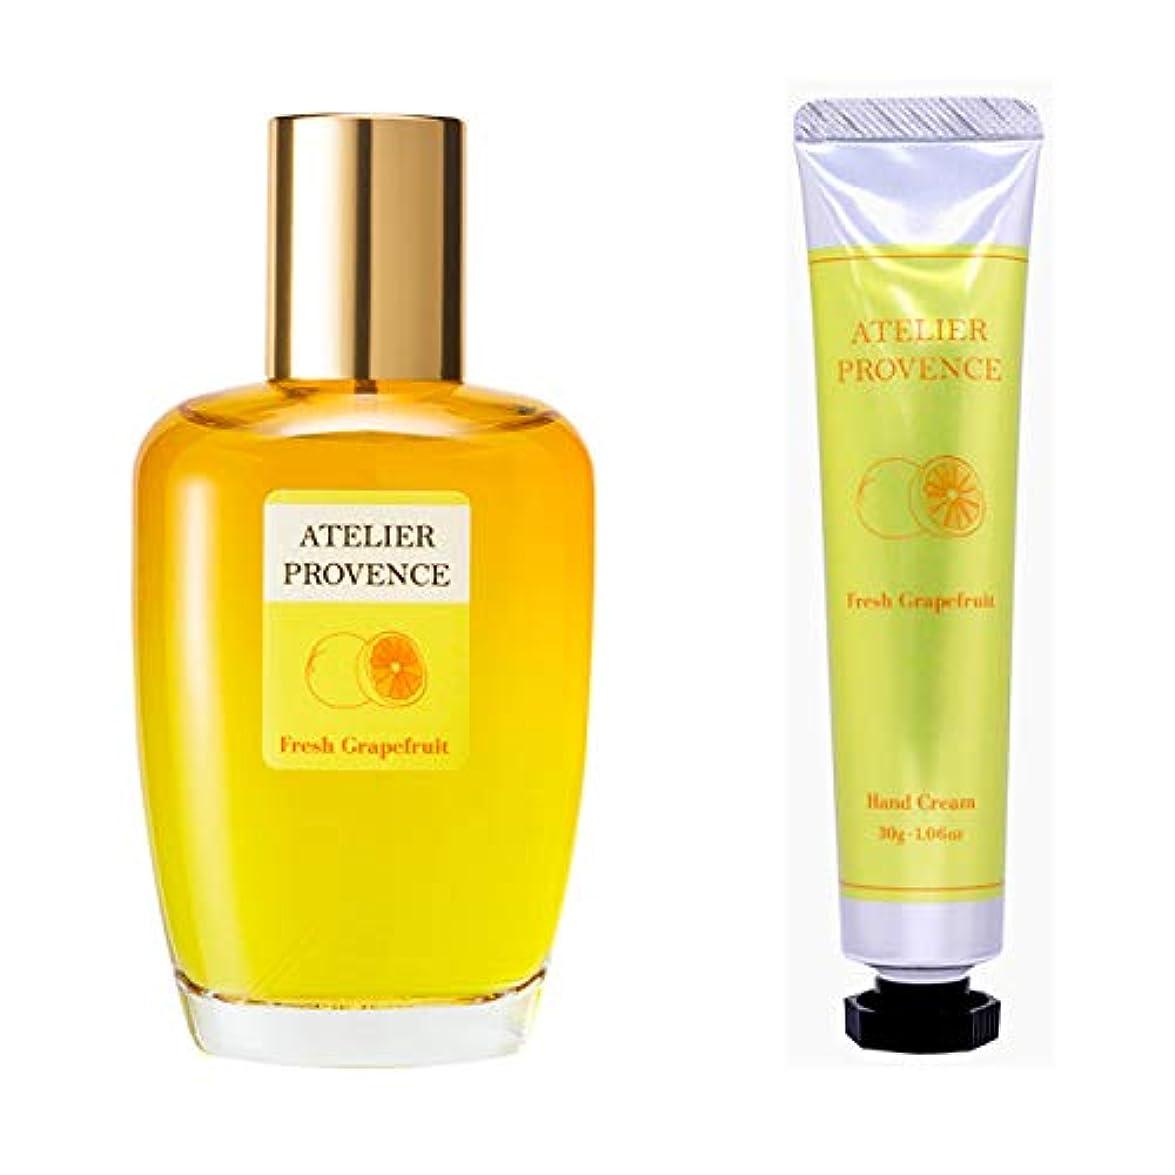 拷問悪意空気アトリエ プロヴァンス ATELIER PROVENCE フレッシュグレープフルーツの香り コフレセット(EDT90ml+ハンドクリーム30g)